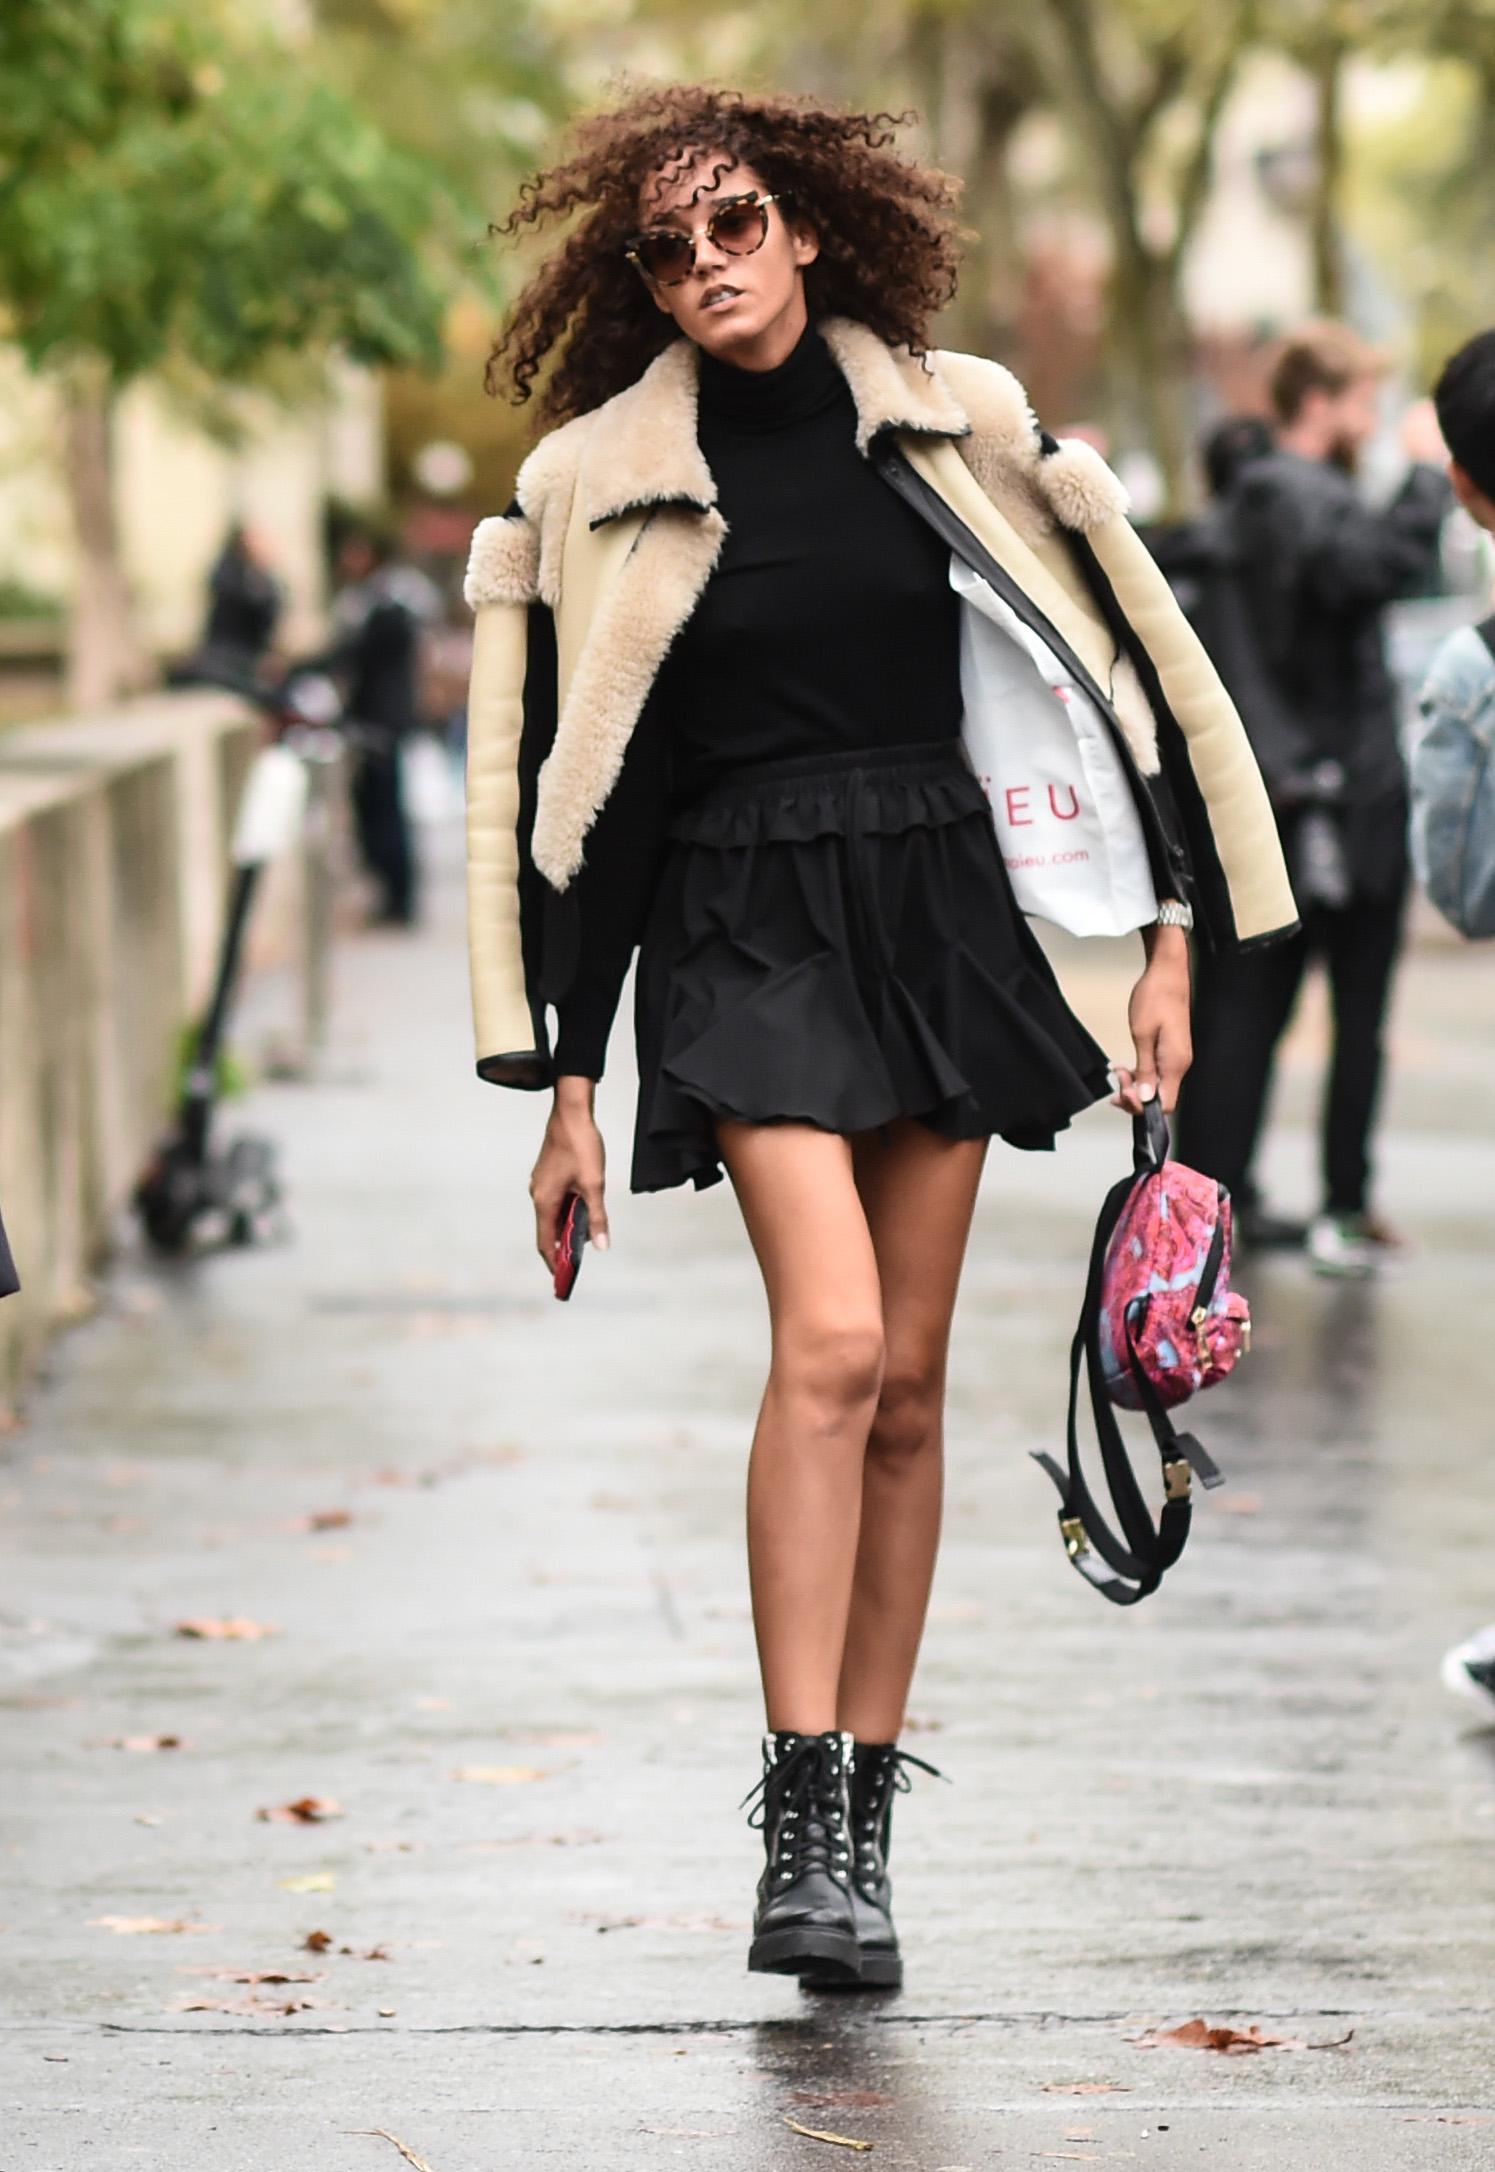 ライダースシルエットのファーコートはクールなスタイルに仕上がる。フリルシルエットのミニスカートでガーリーな雰囲気もあるオールブラックのスタイルのアクセントとして投入!